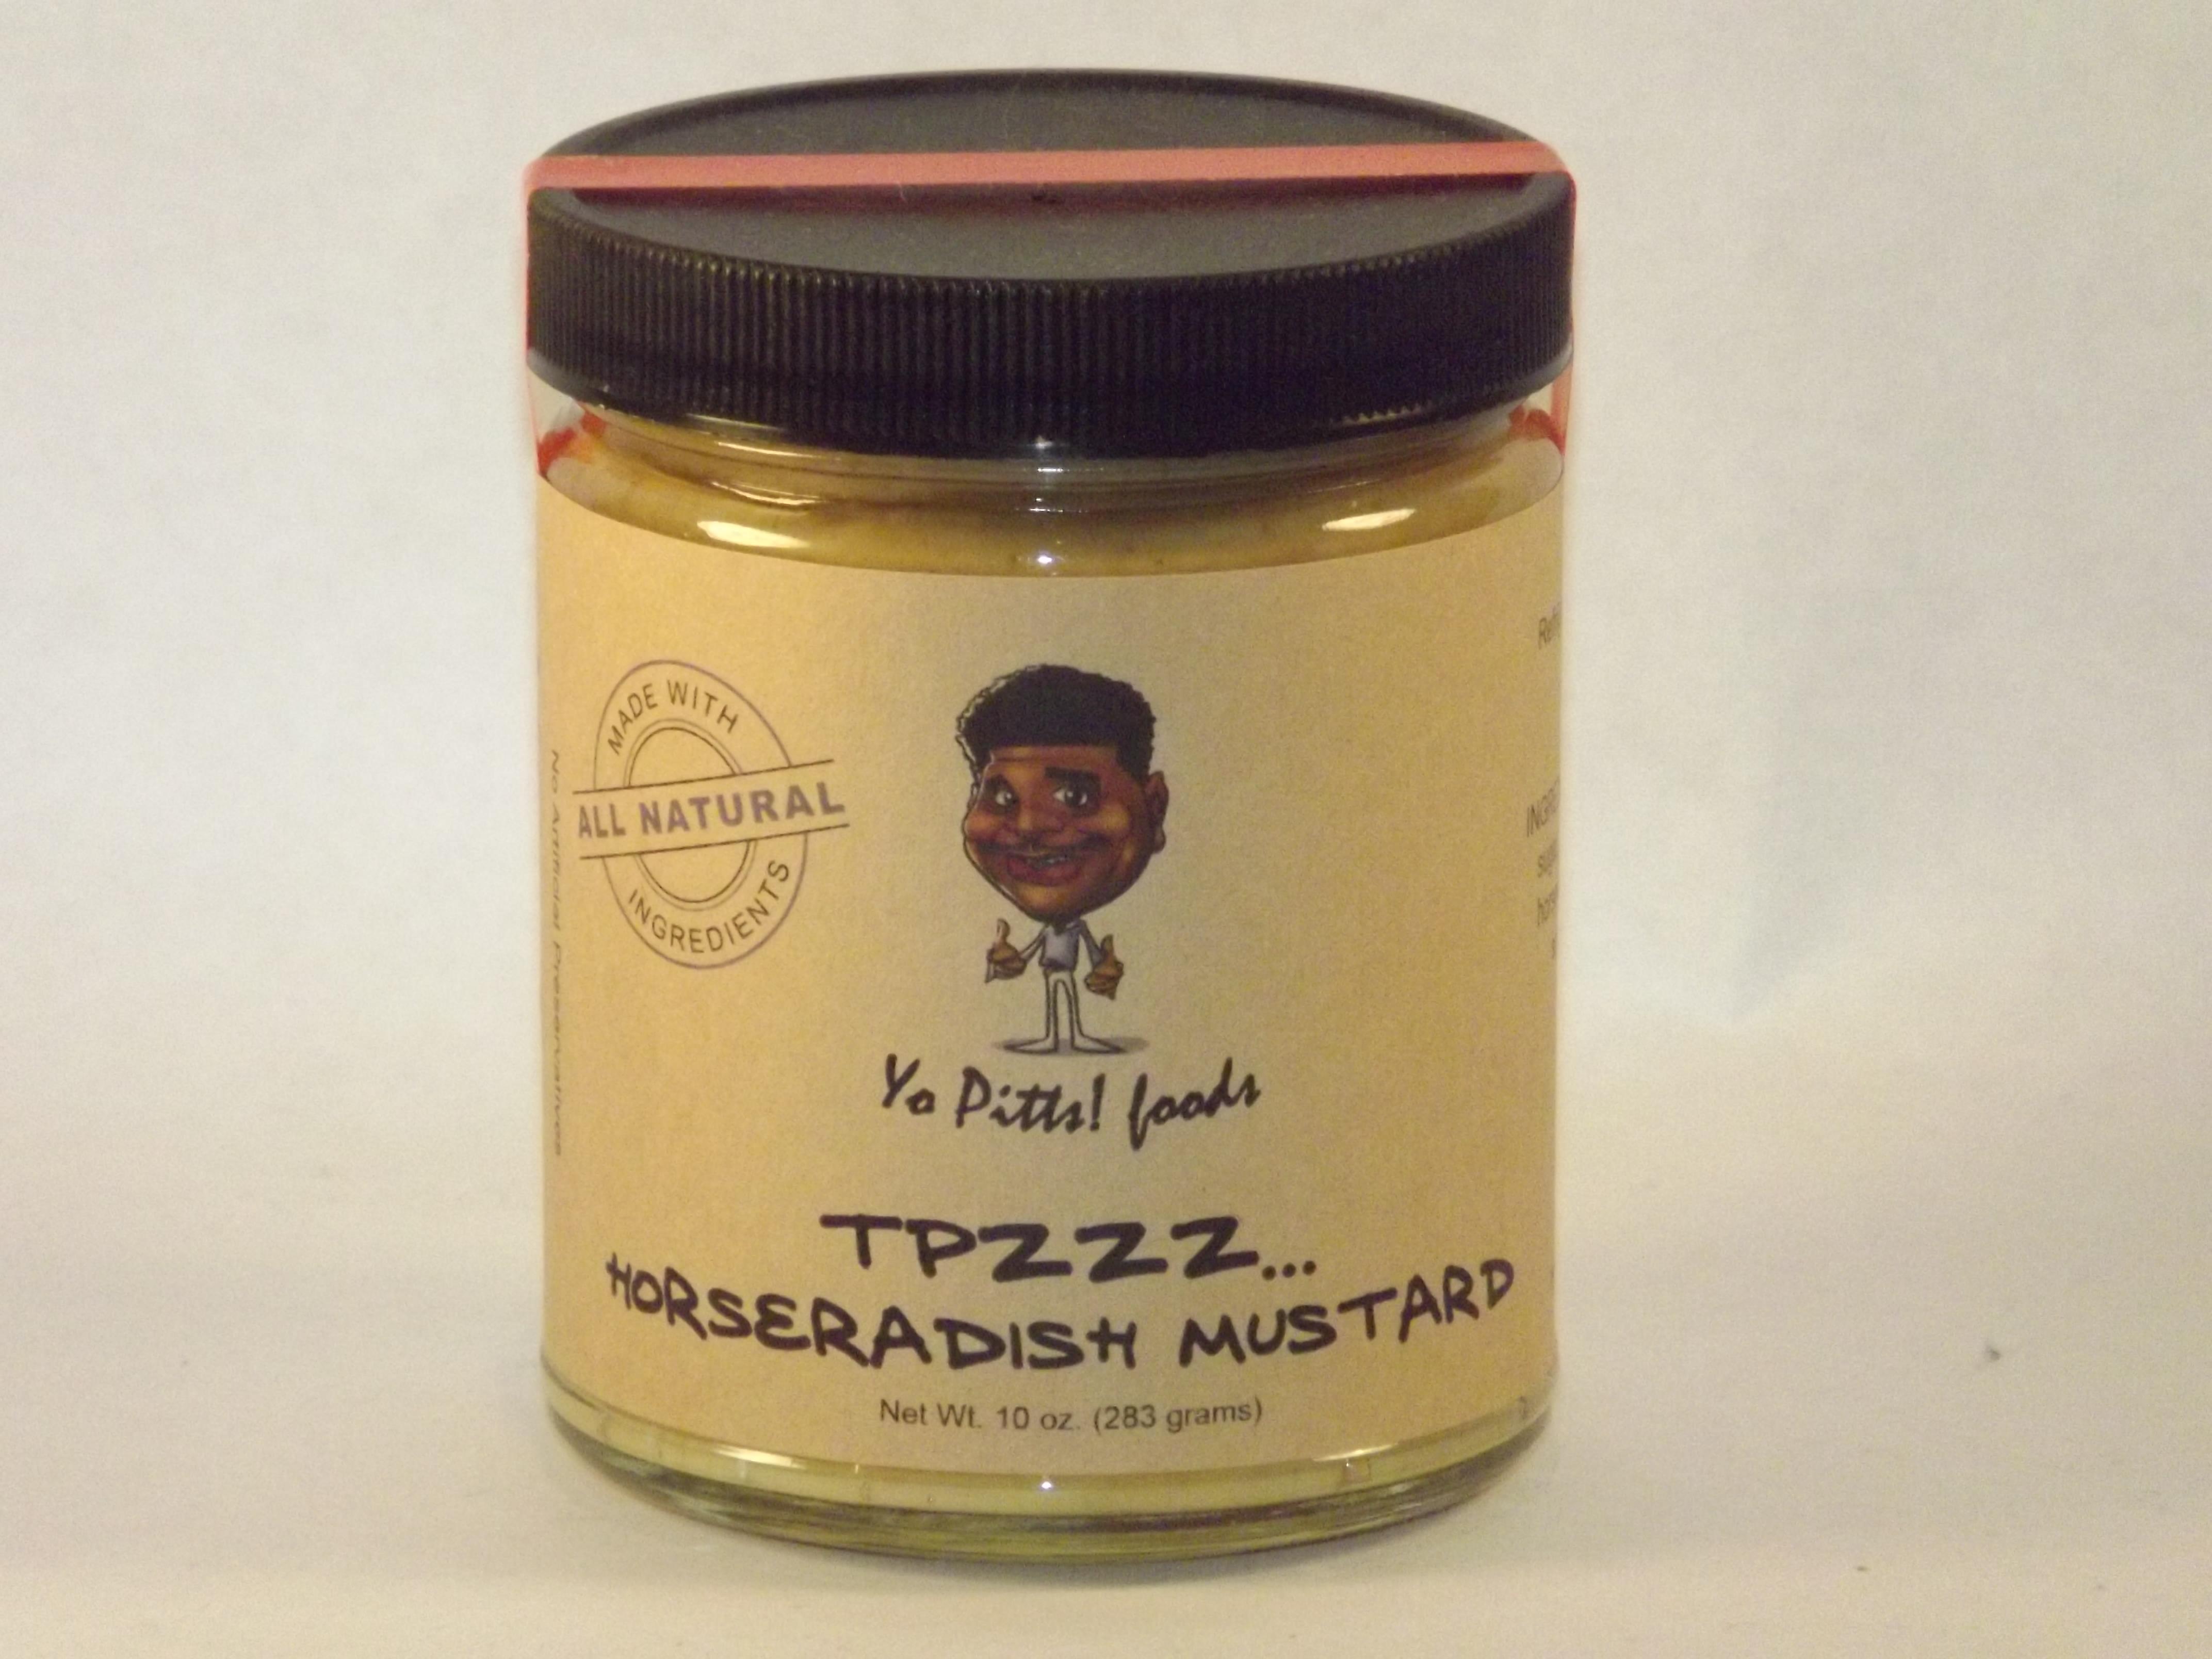 Yo Pitts! Foods Horseradish Mustard